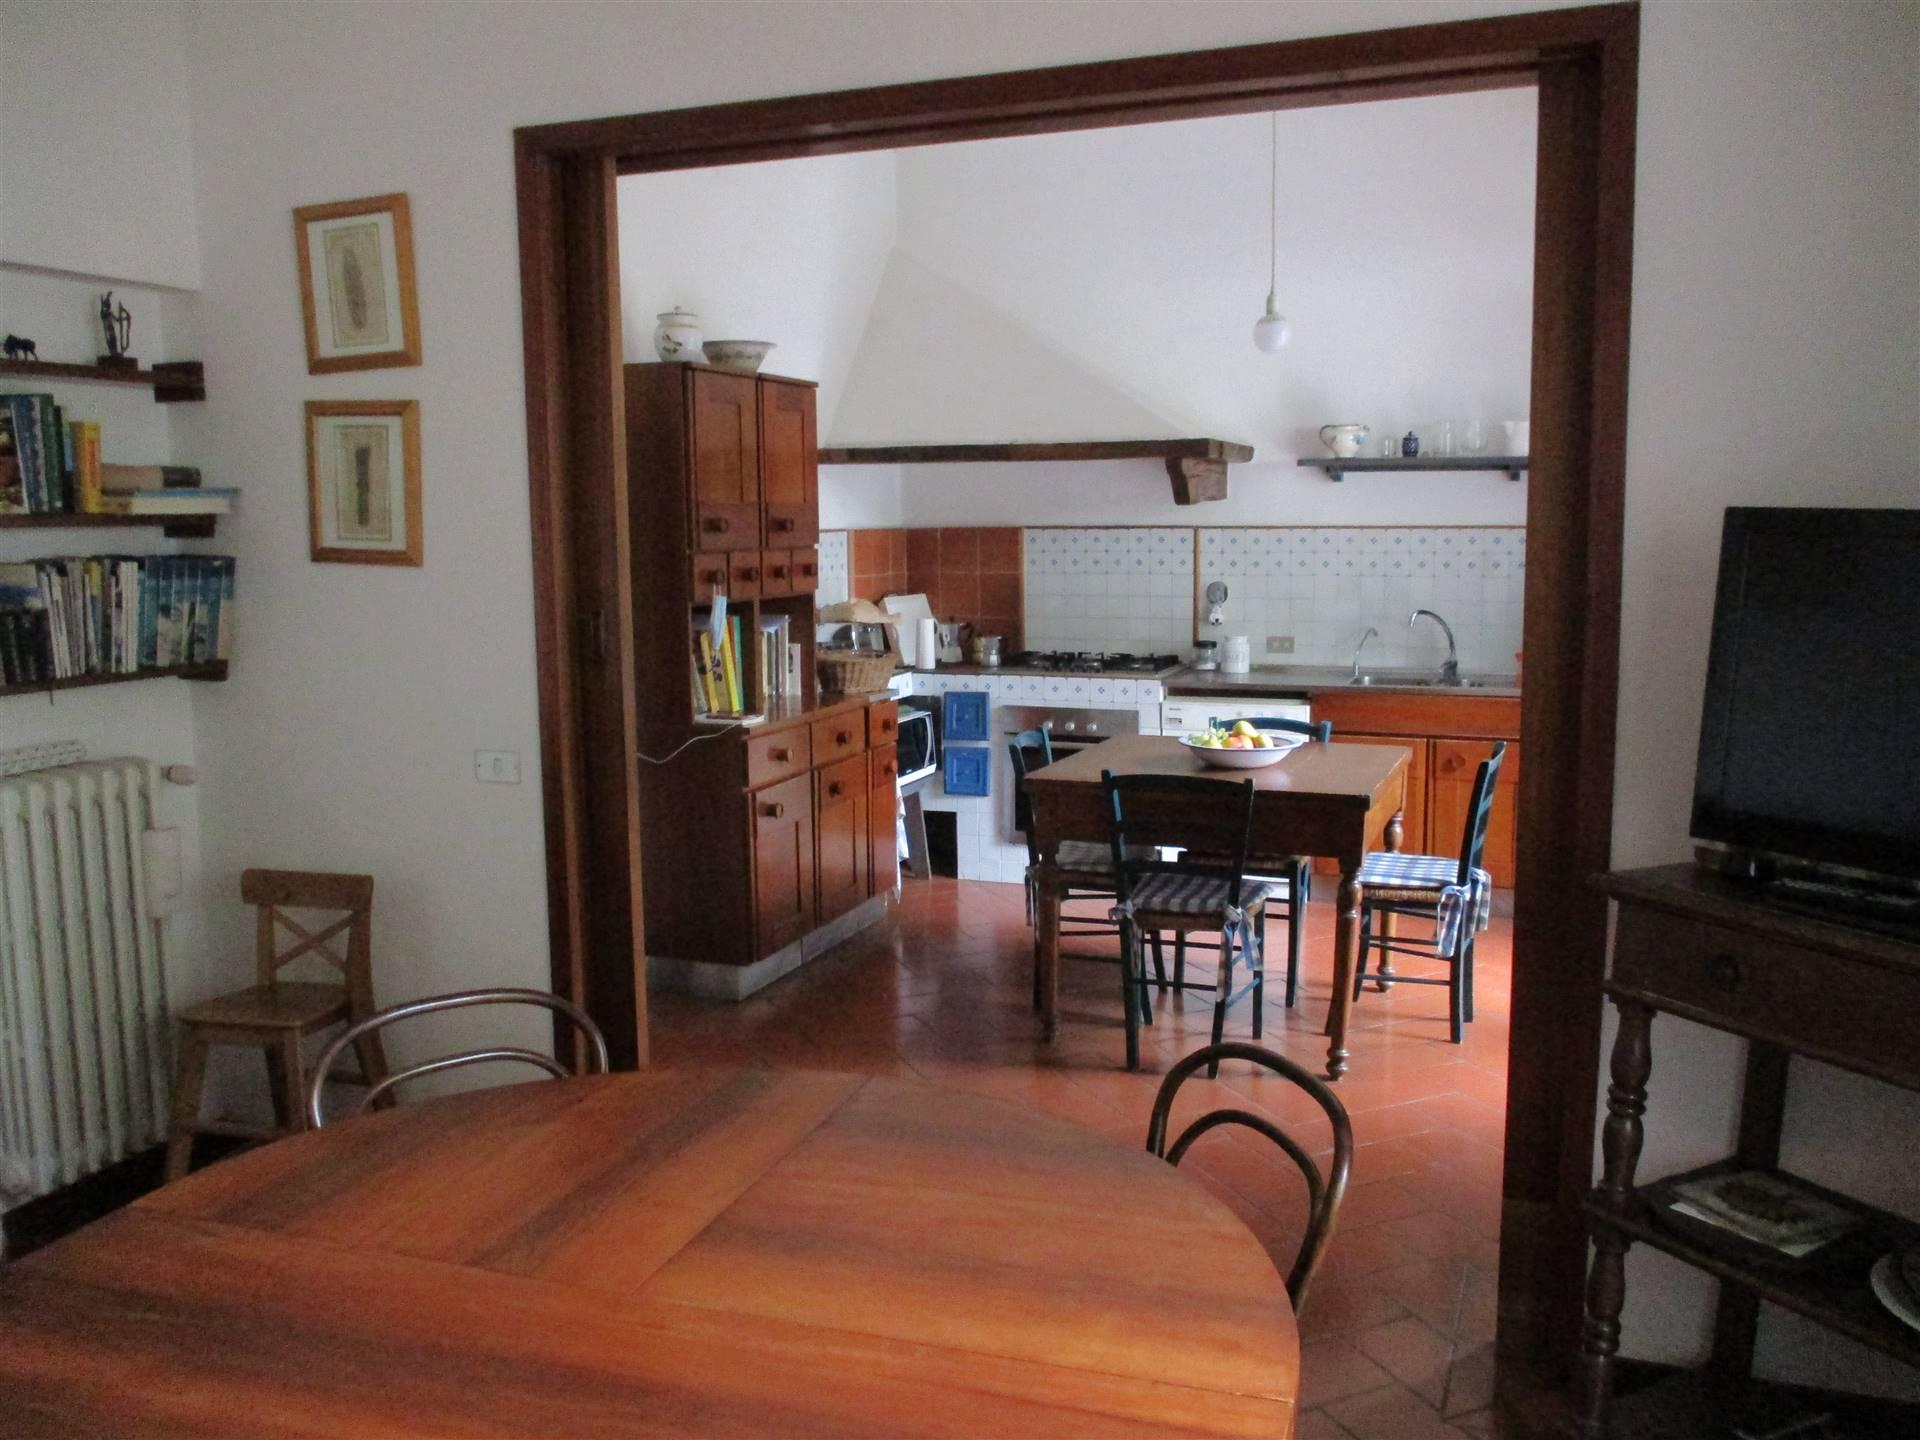 Appartamento in Vendita a Signa zona  - immagine 6